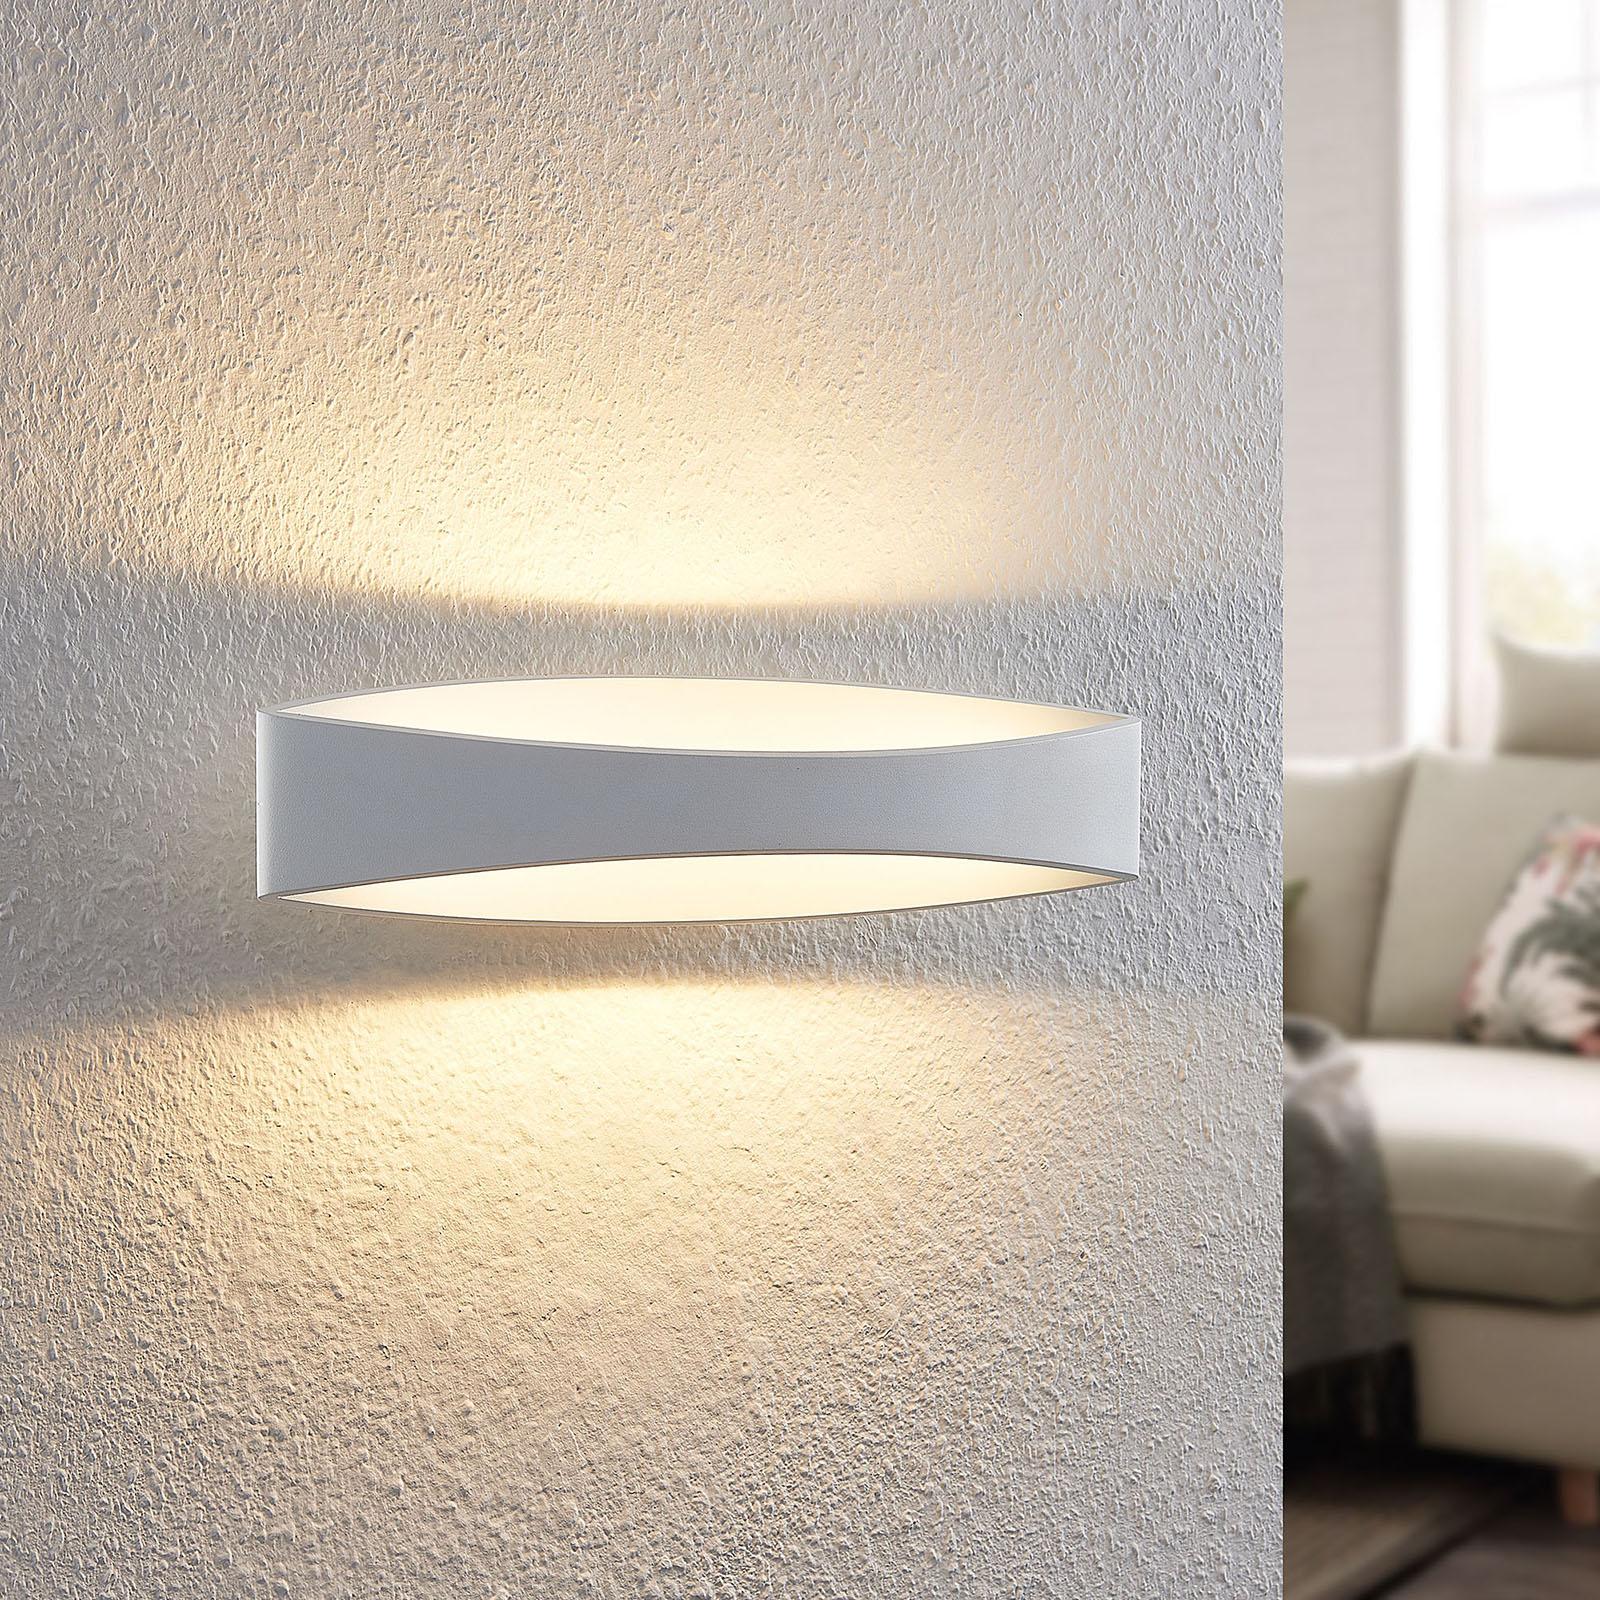 Arcchio Jelle aplique LED, 43,5 cm, blanco